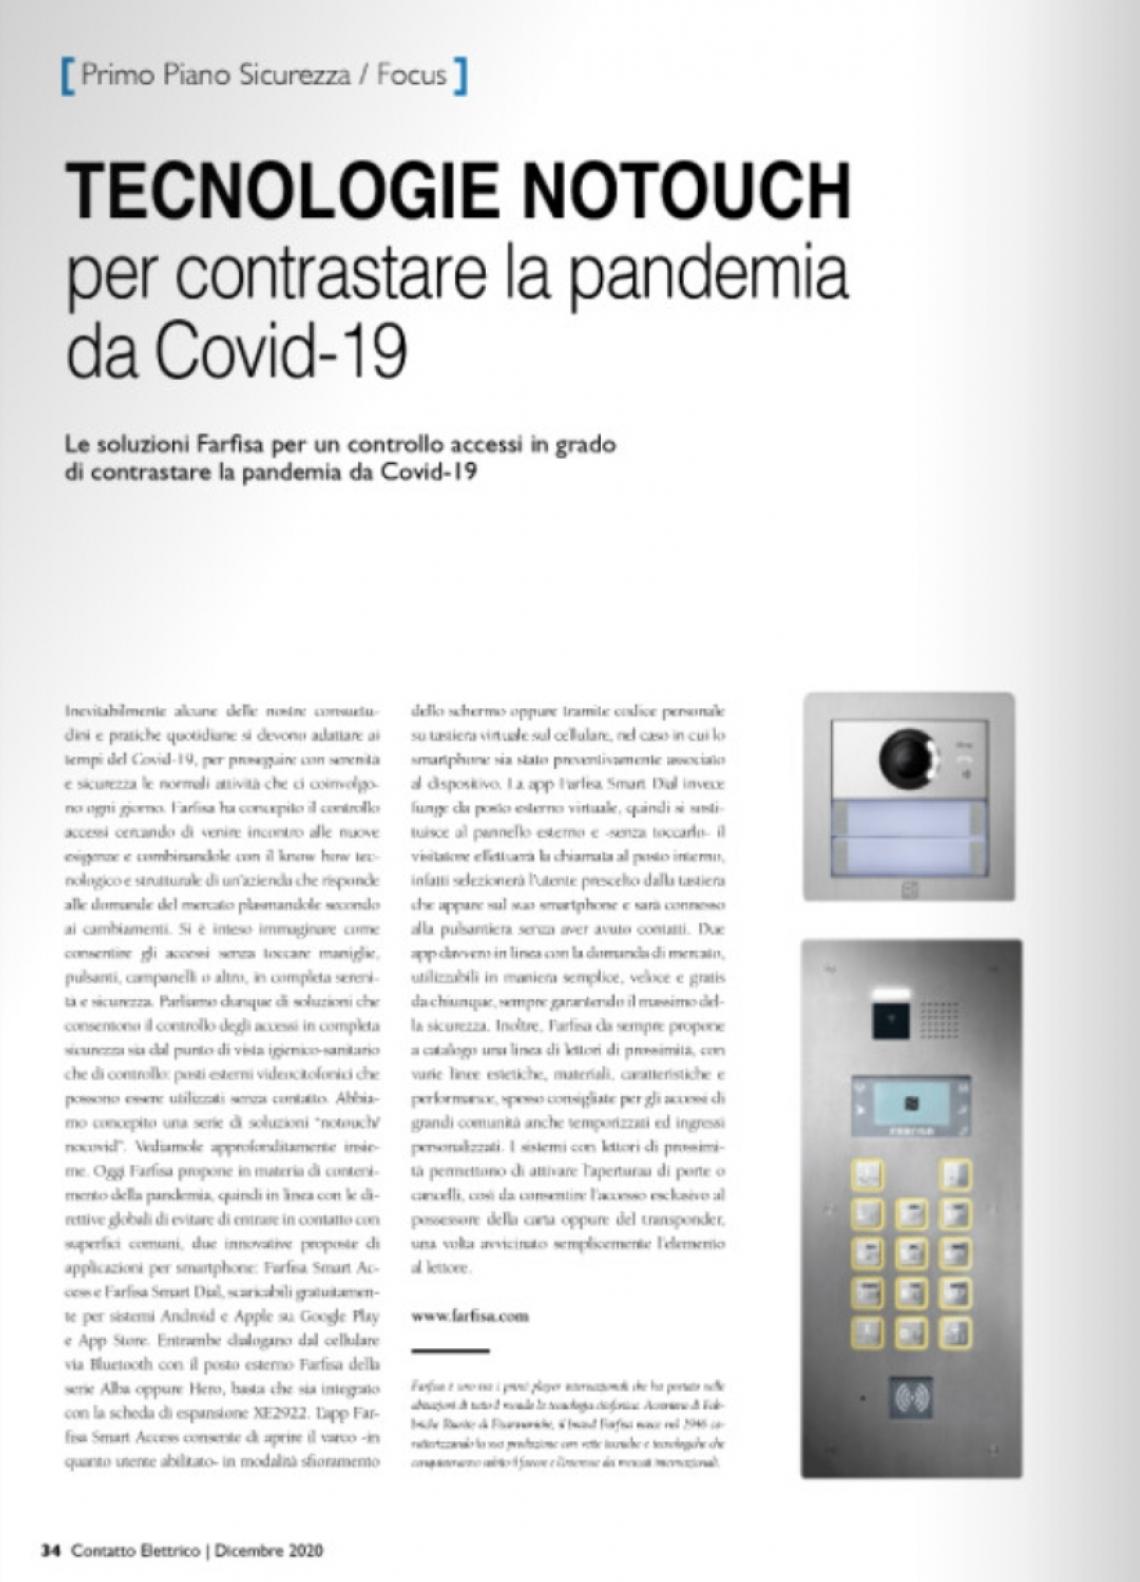 Tecnologie Notouch per contrastare la pandemia da Covid-19